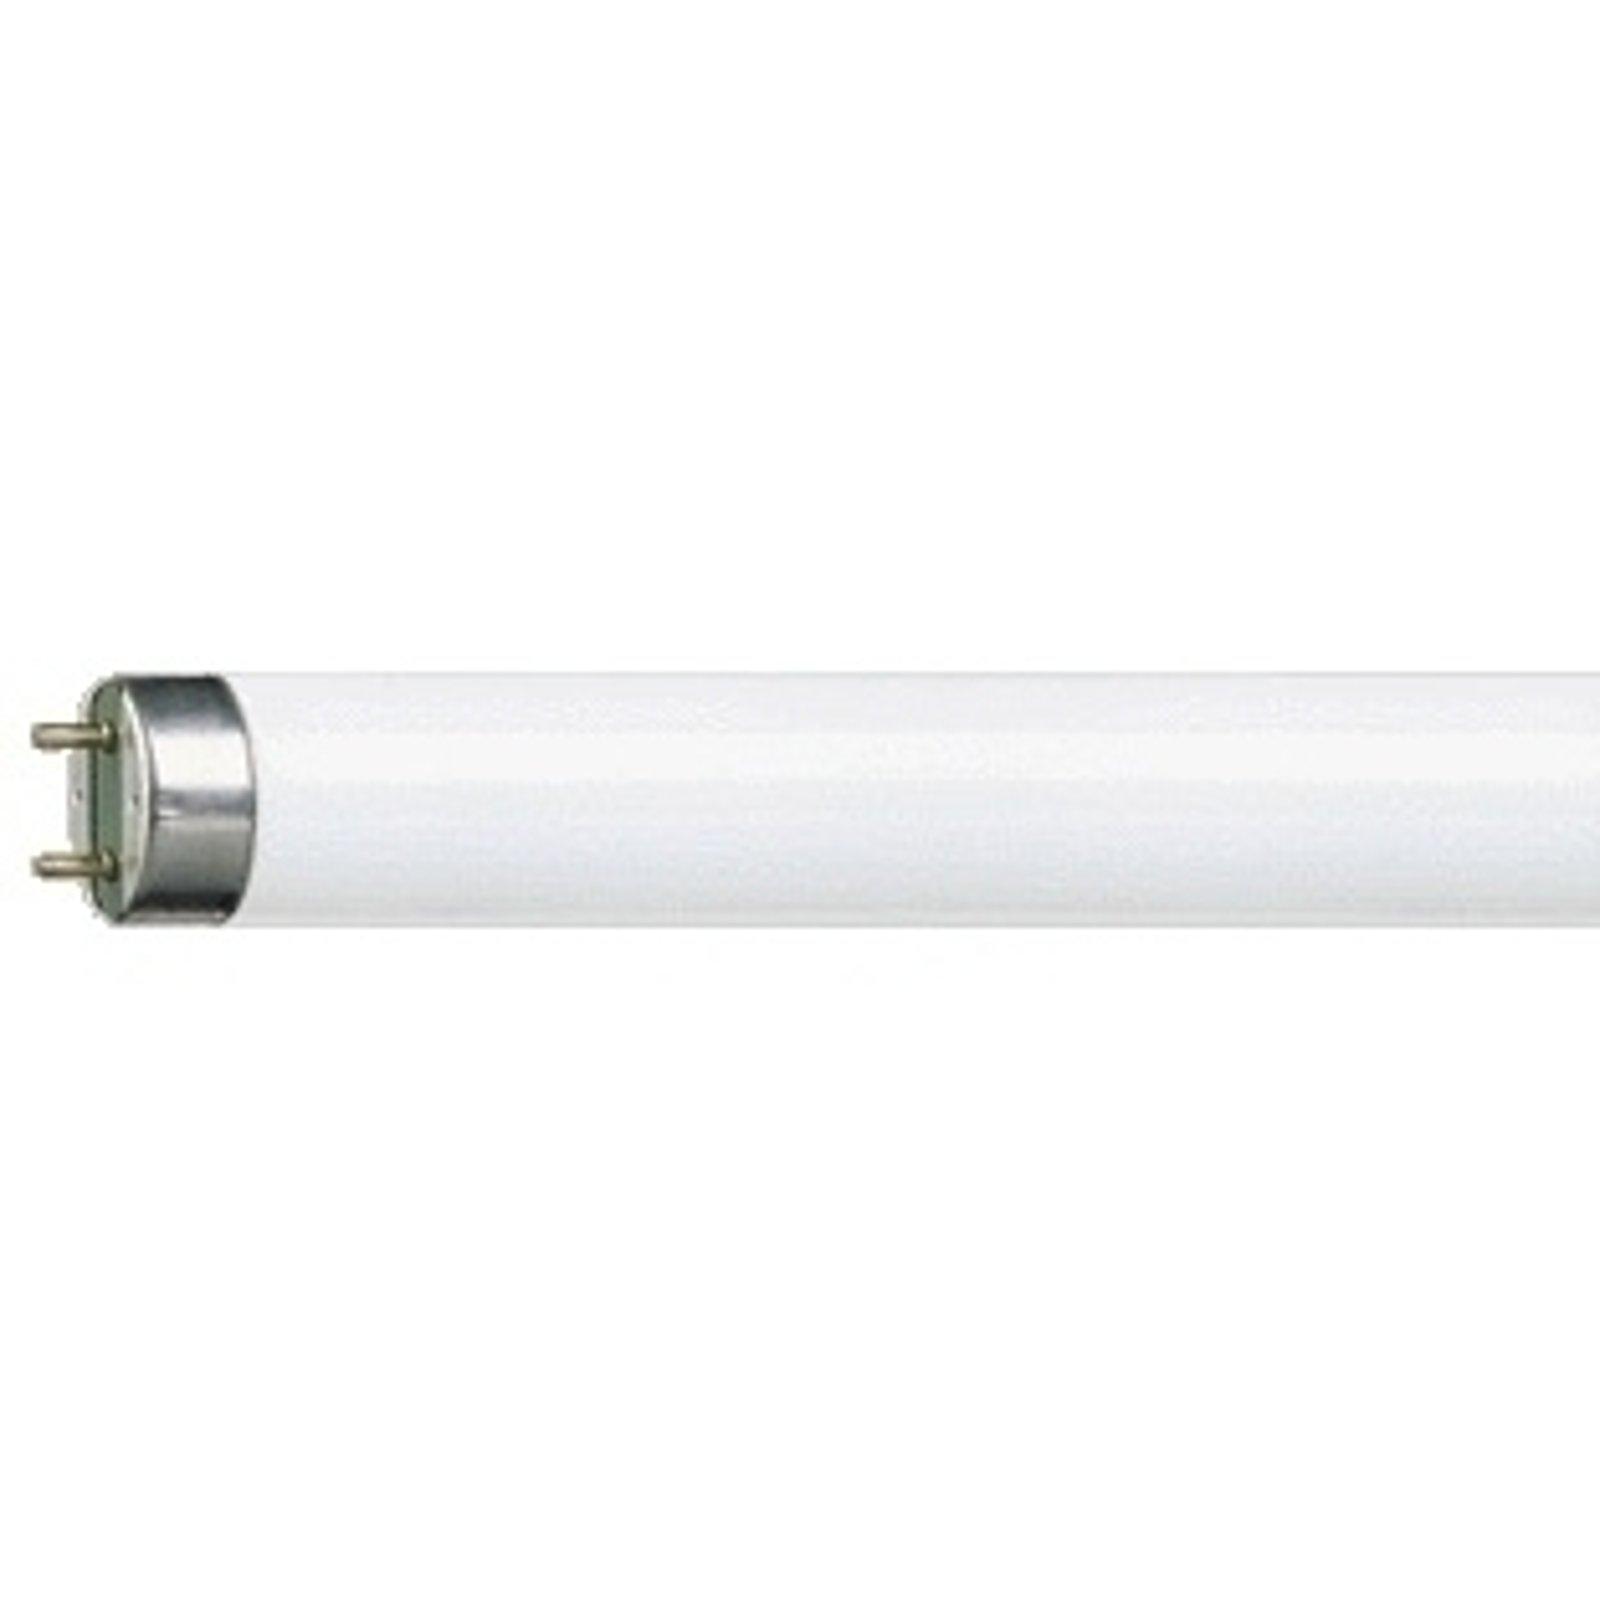 G13 T8-lyspære MASTER TL-D Super 36 W 1 m